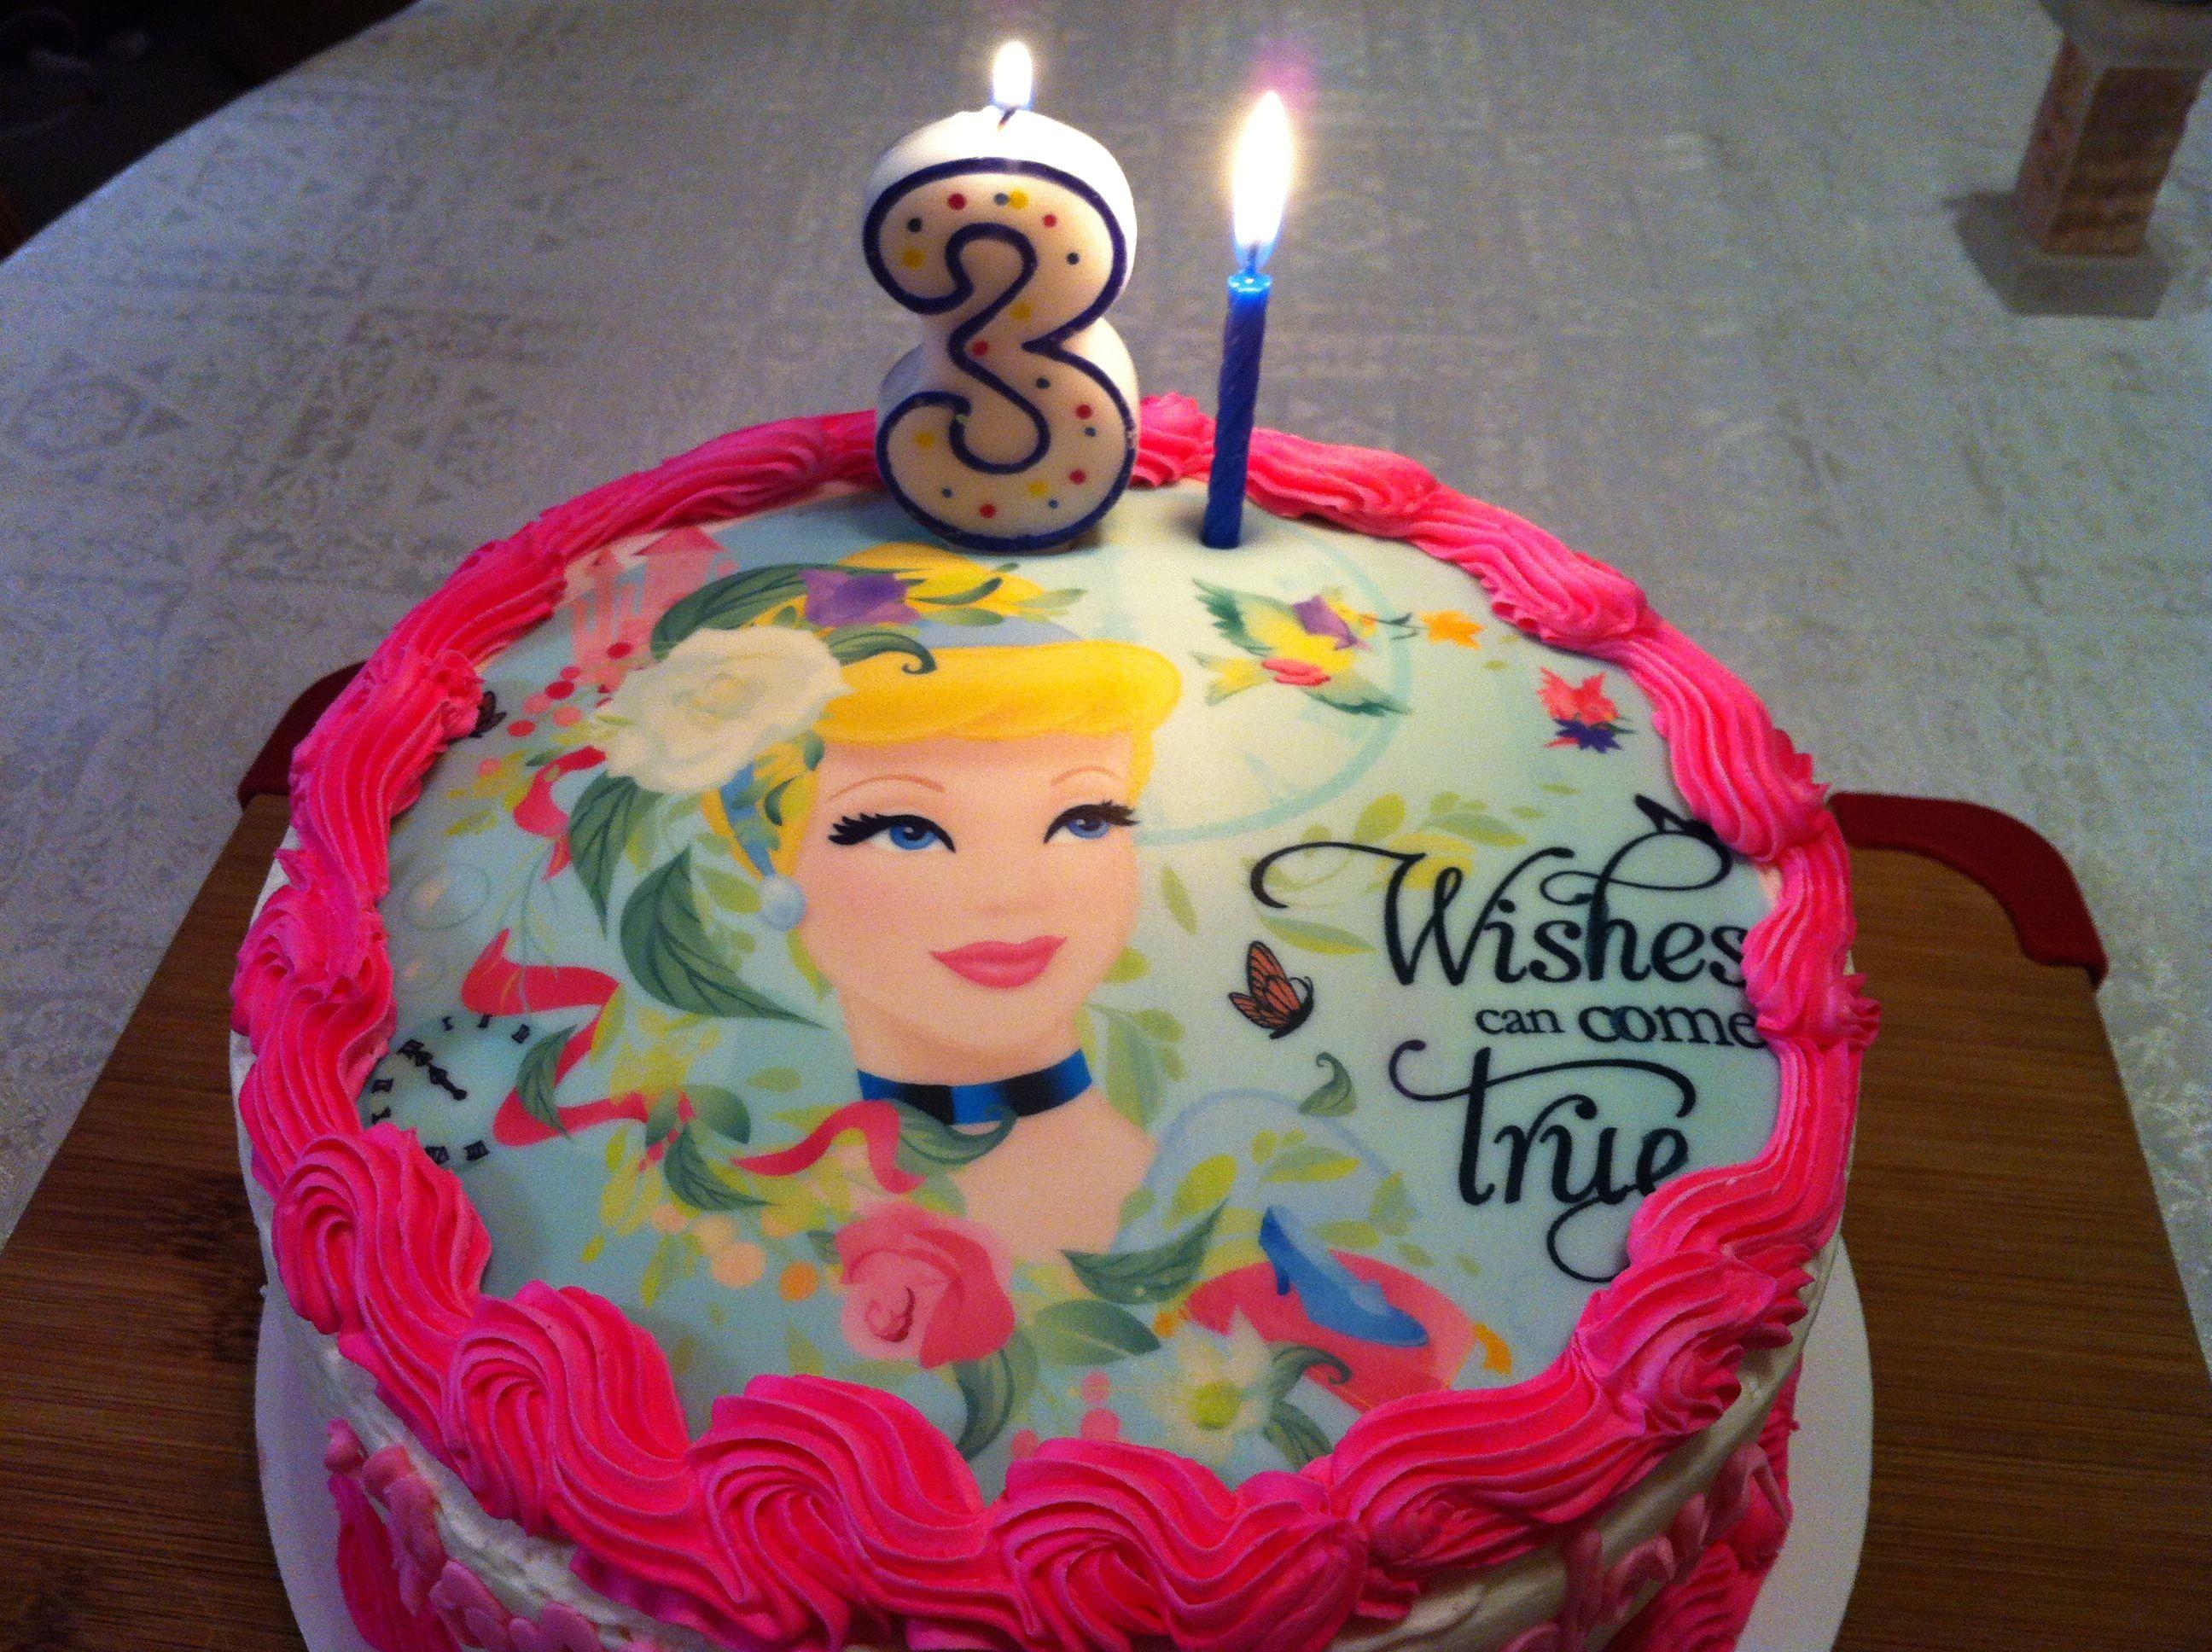 My birthday cake this year.